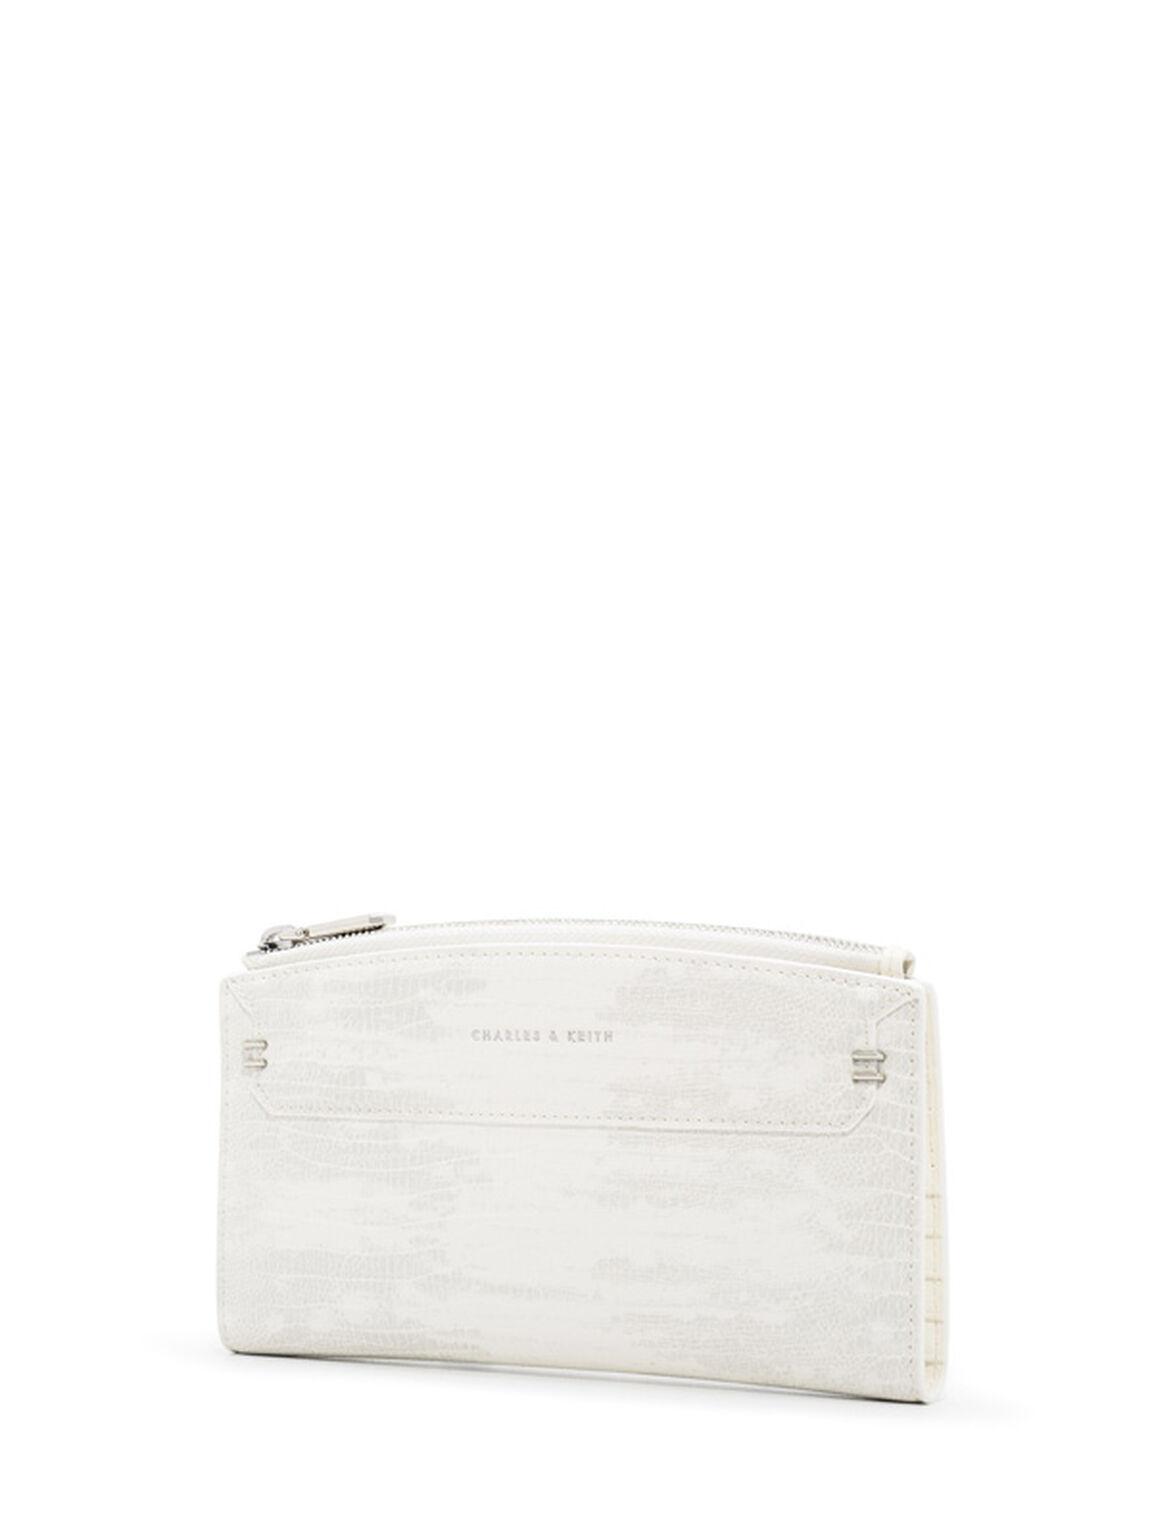 Stitched Outline Long Wallet, Multi, hi-res